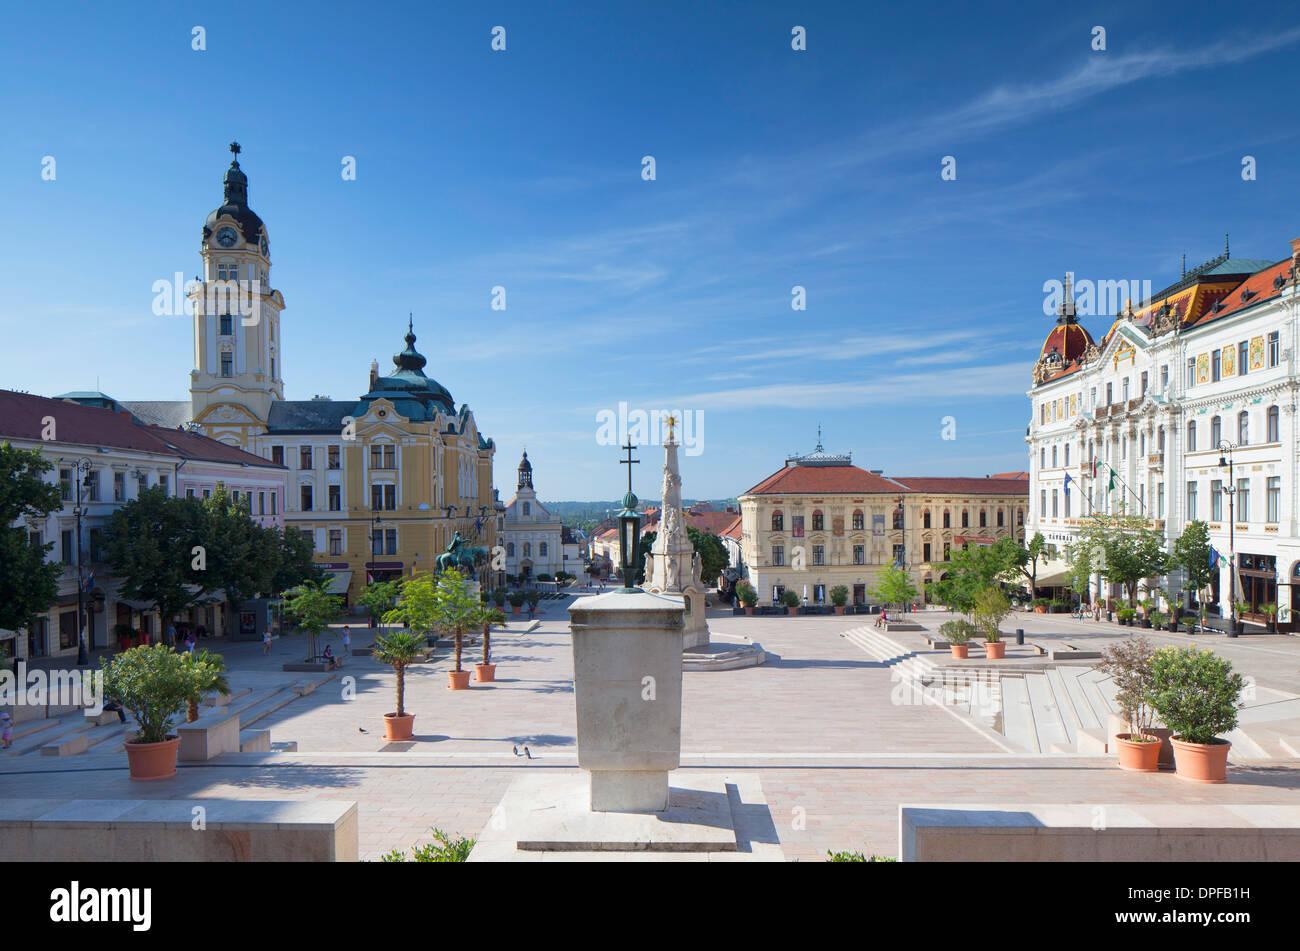 Szechenyi Square, Pecs, Southern Transdanubia, Hungary, Europe - Stock Image